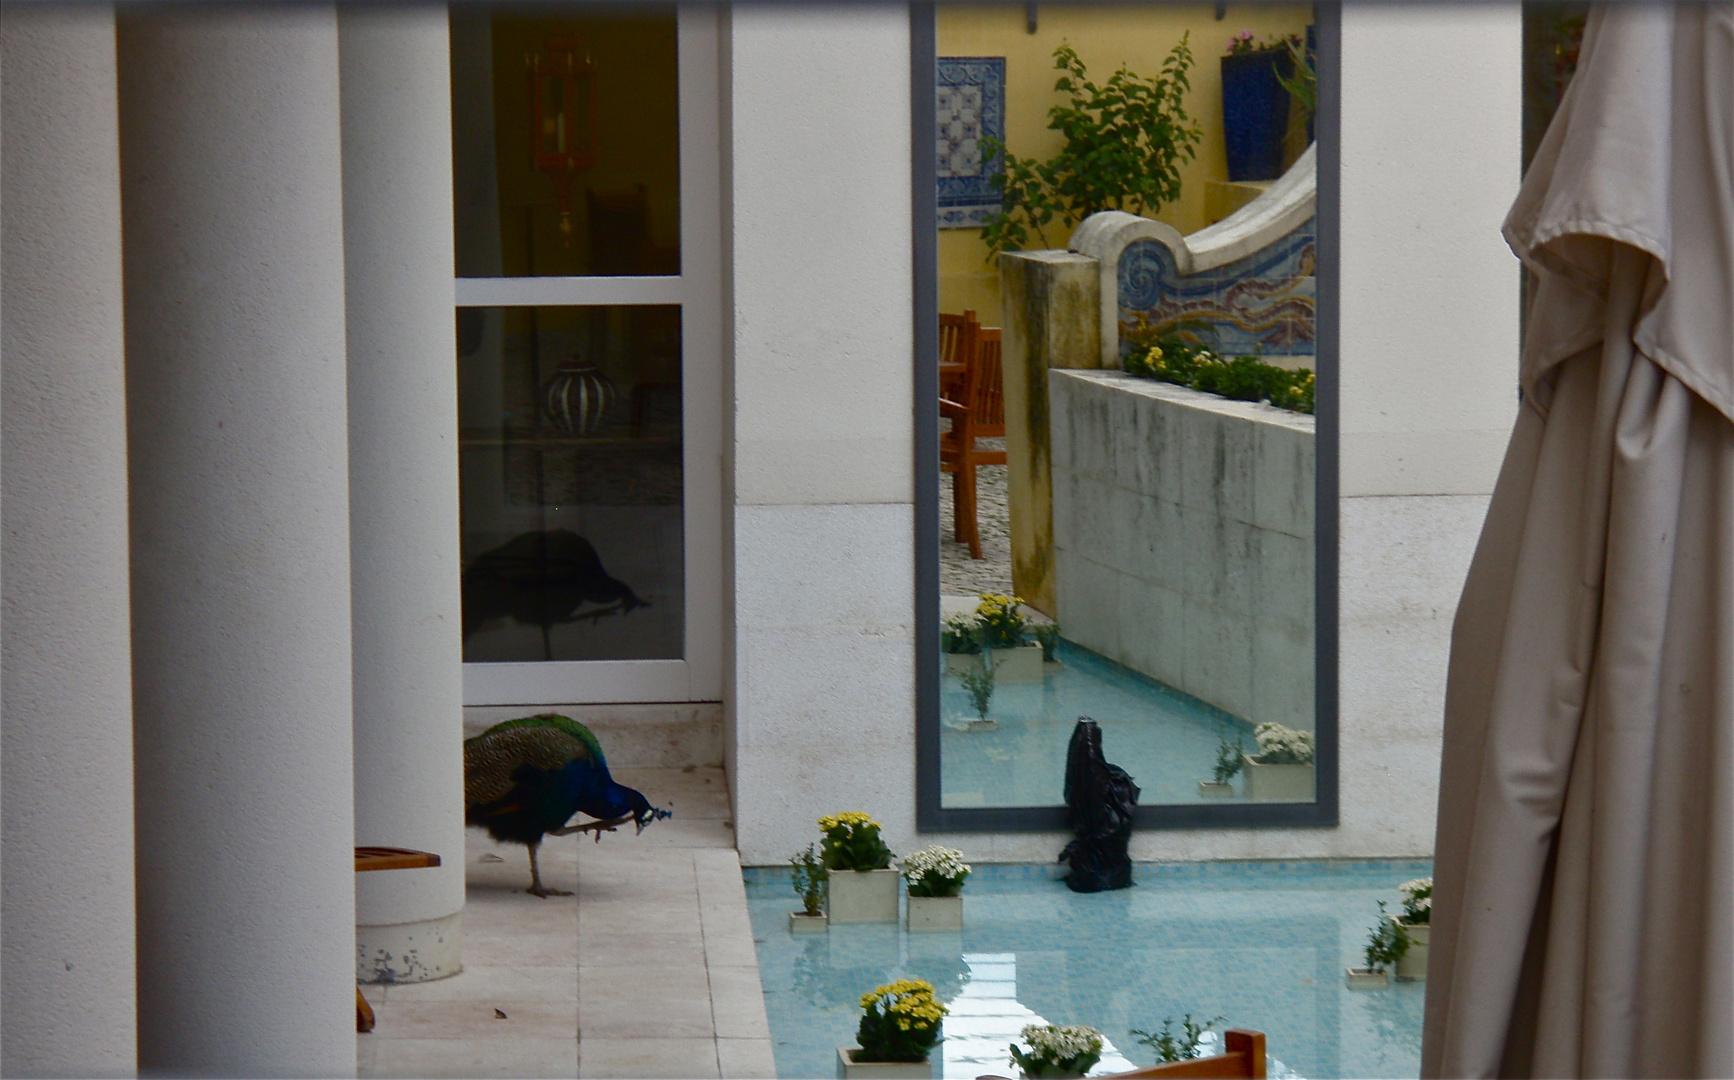 hinterhof  eines kleinen hotels, lissabon 2008